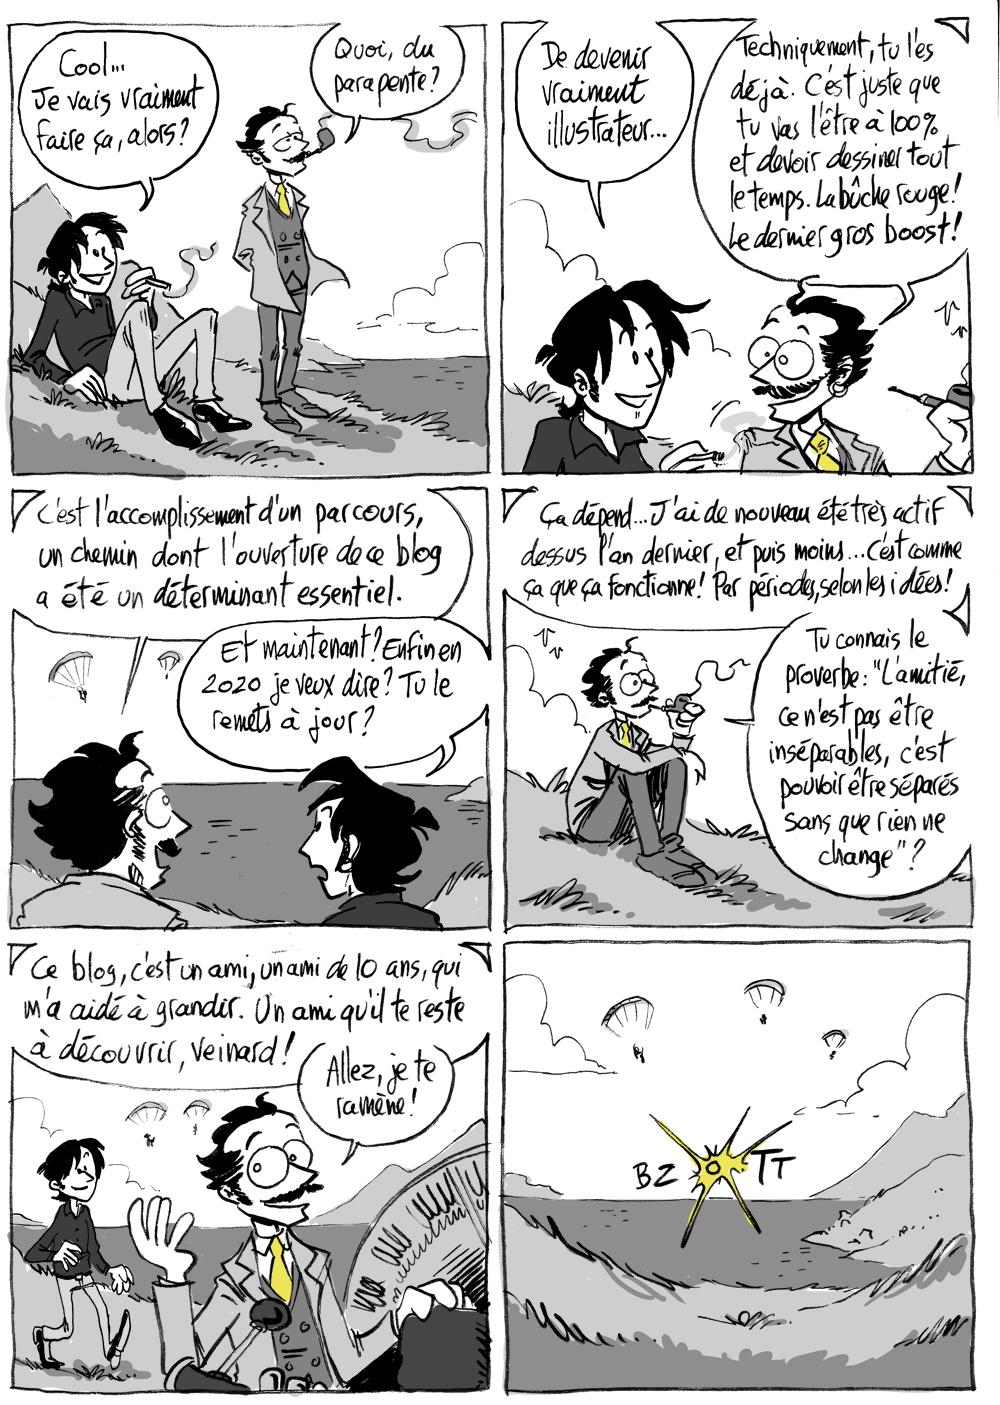 https://boutanox.blogspot.com/2010/01/lancement_28.html